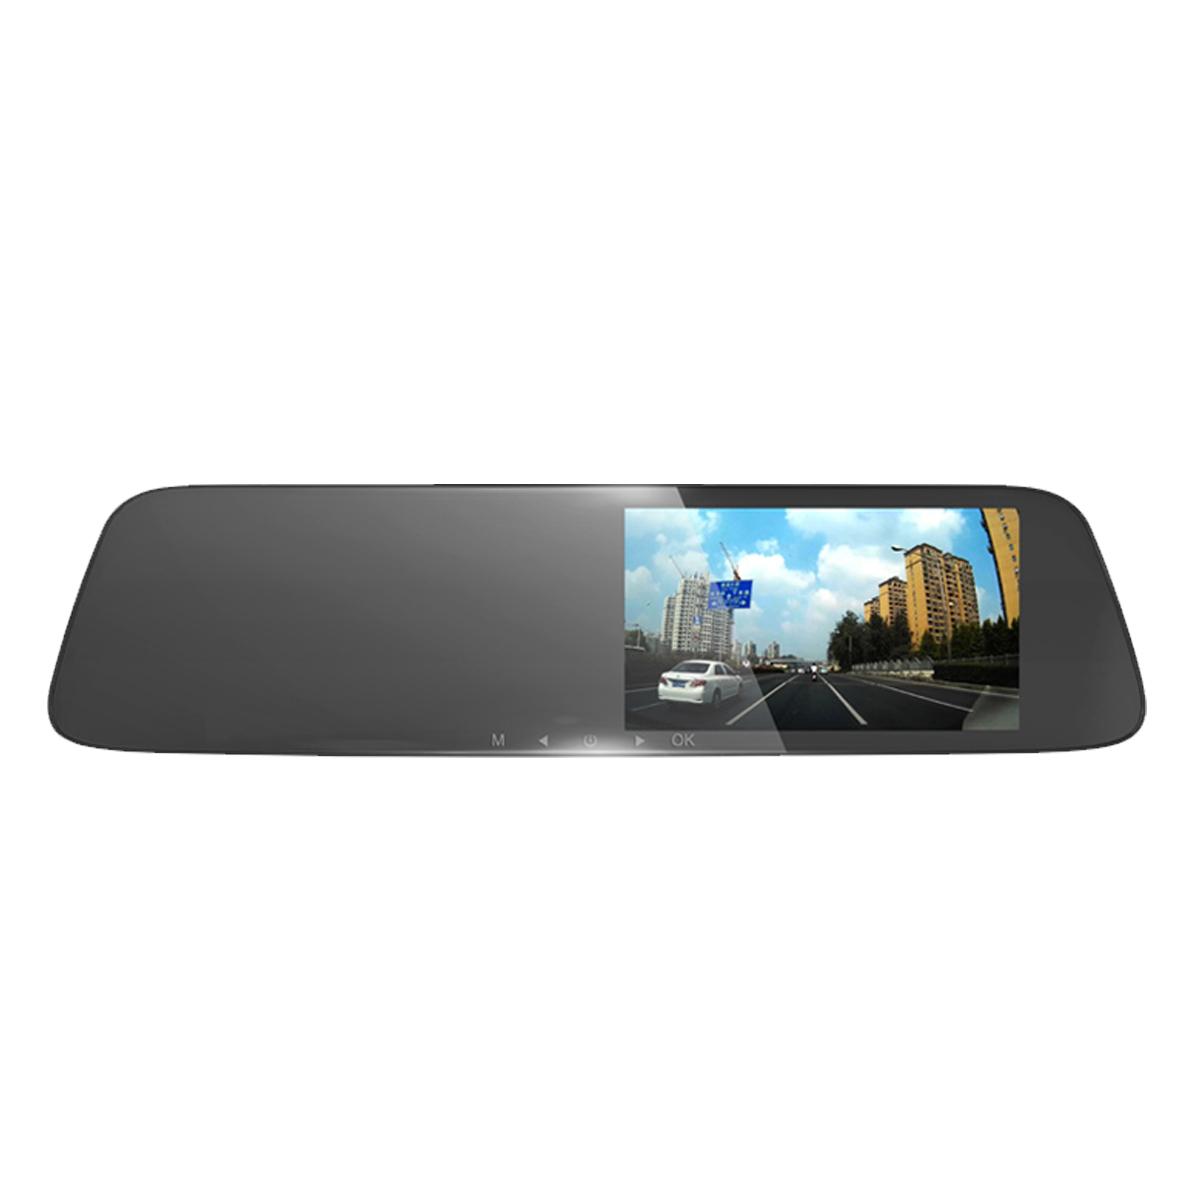 任我游后視鏡汽車車載行車記錄儀雙鏡頭高清夜視停車監控倒車影像5寸IPS防炫目鏡面 U371E